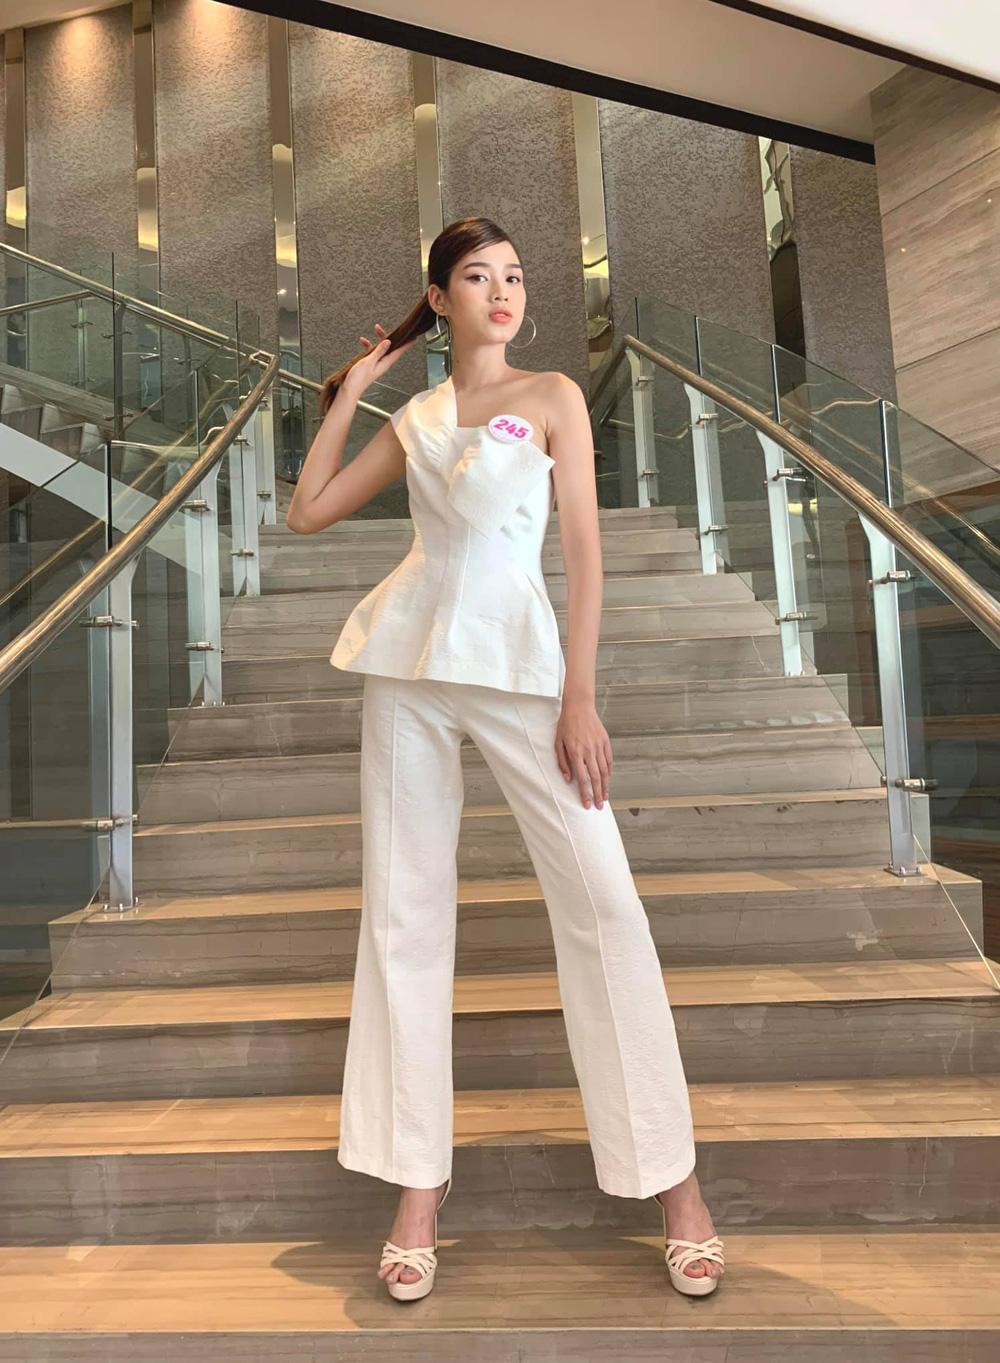 Hành trình từ nữ sinh Thanh Hóa đến tân Hoa hậu Việt Nam 2020 của Đỗ Thị Hà - Ảnh 6.